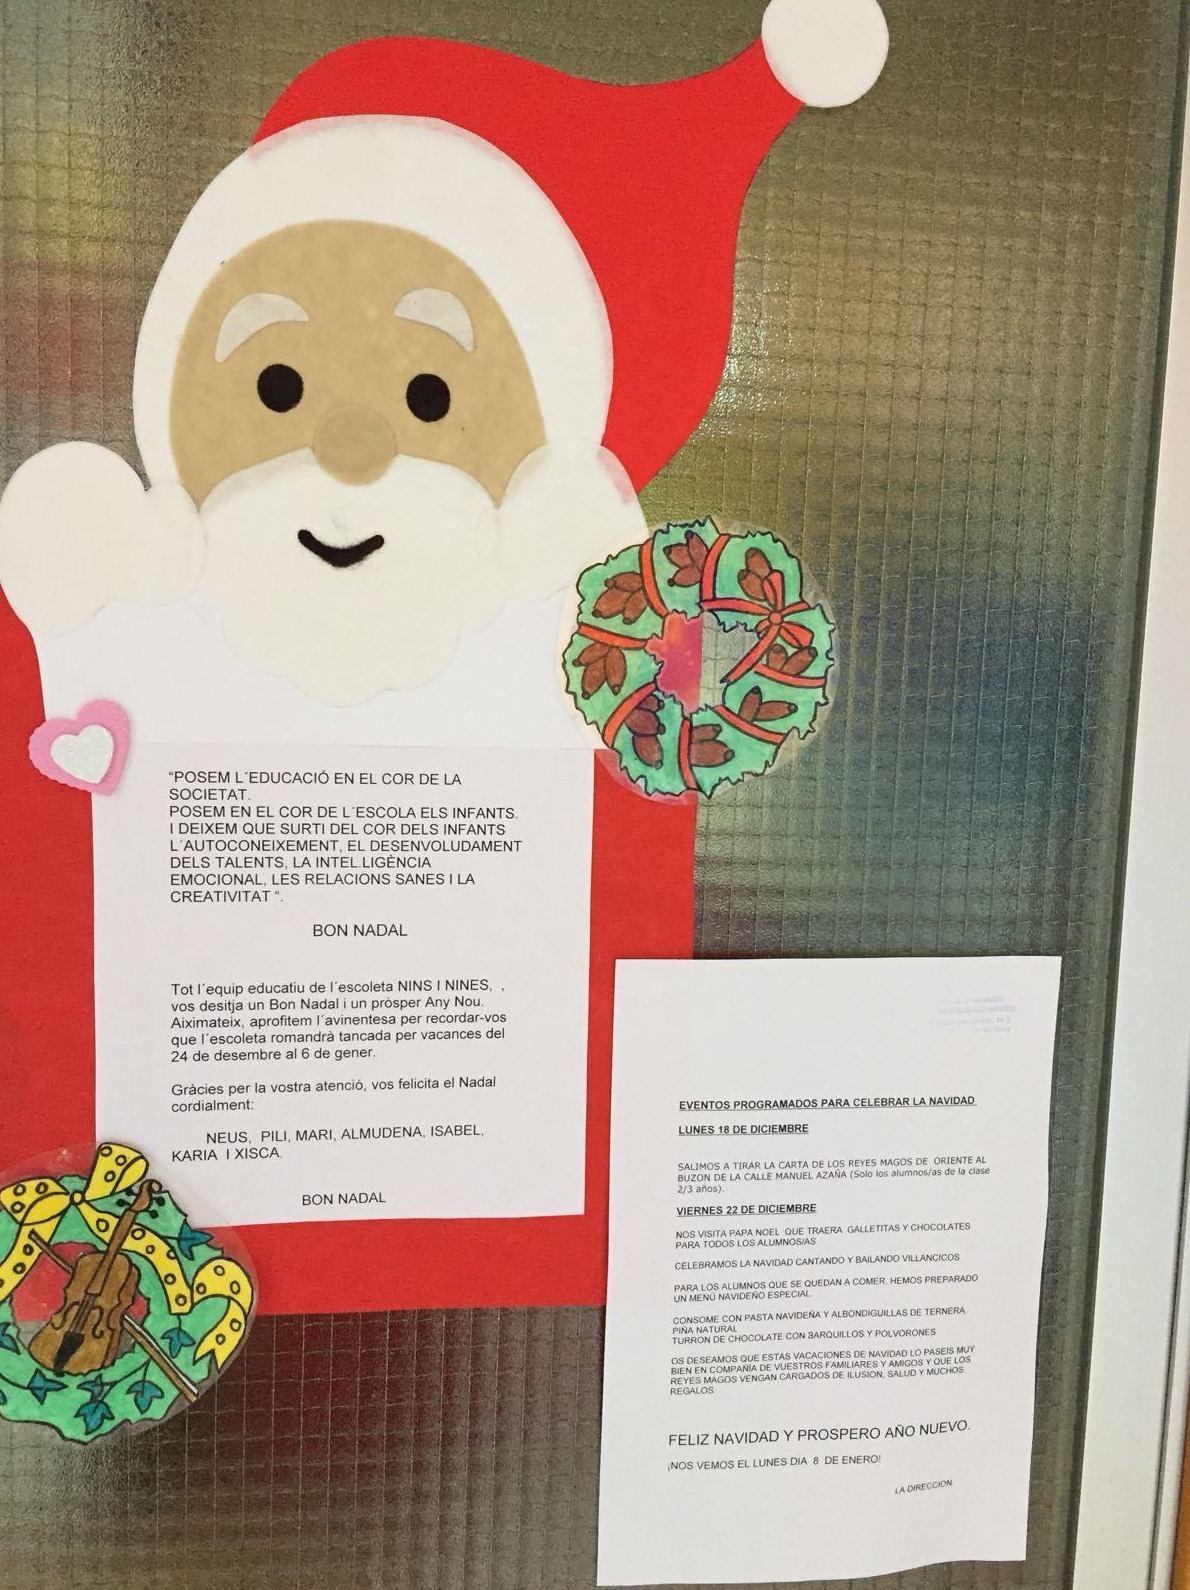 Nins I Nines os desea una Feliz Navidad: eventos 22 de diciembre.